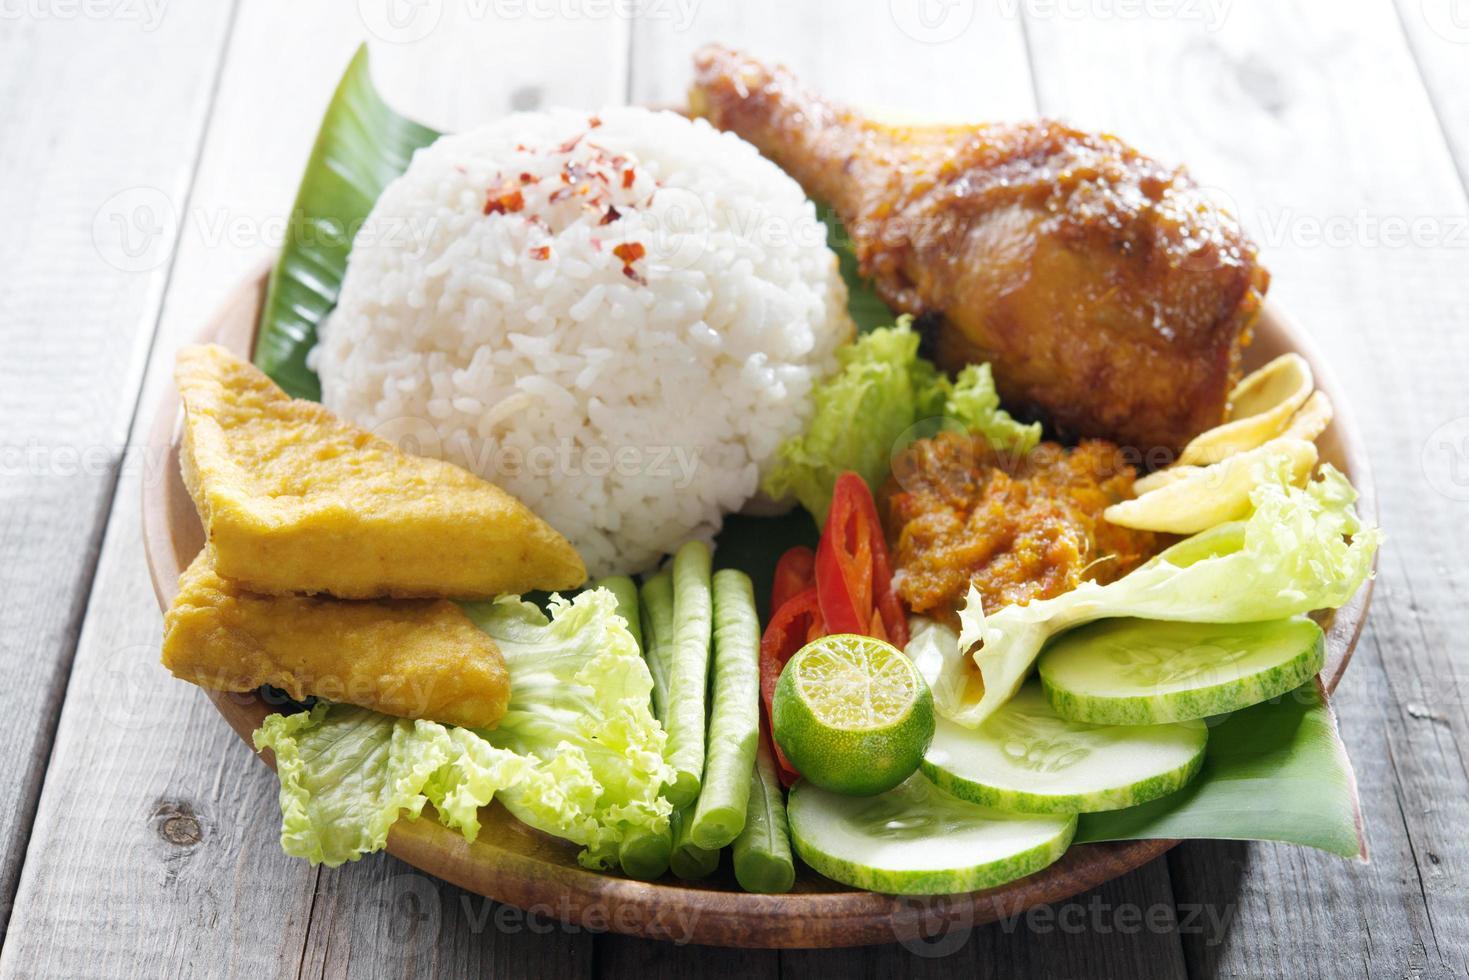 comida local indonesia popular foto